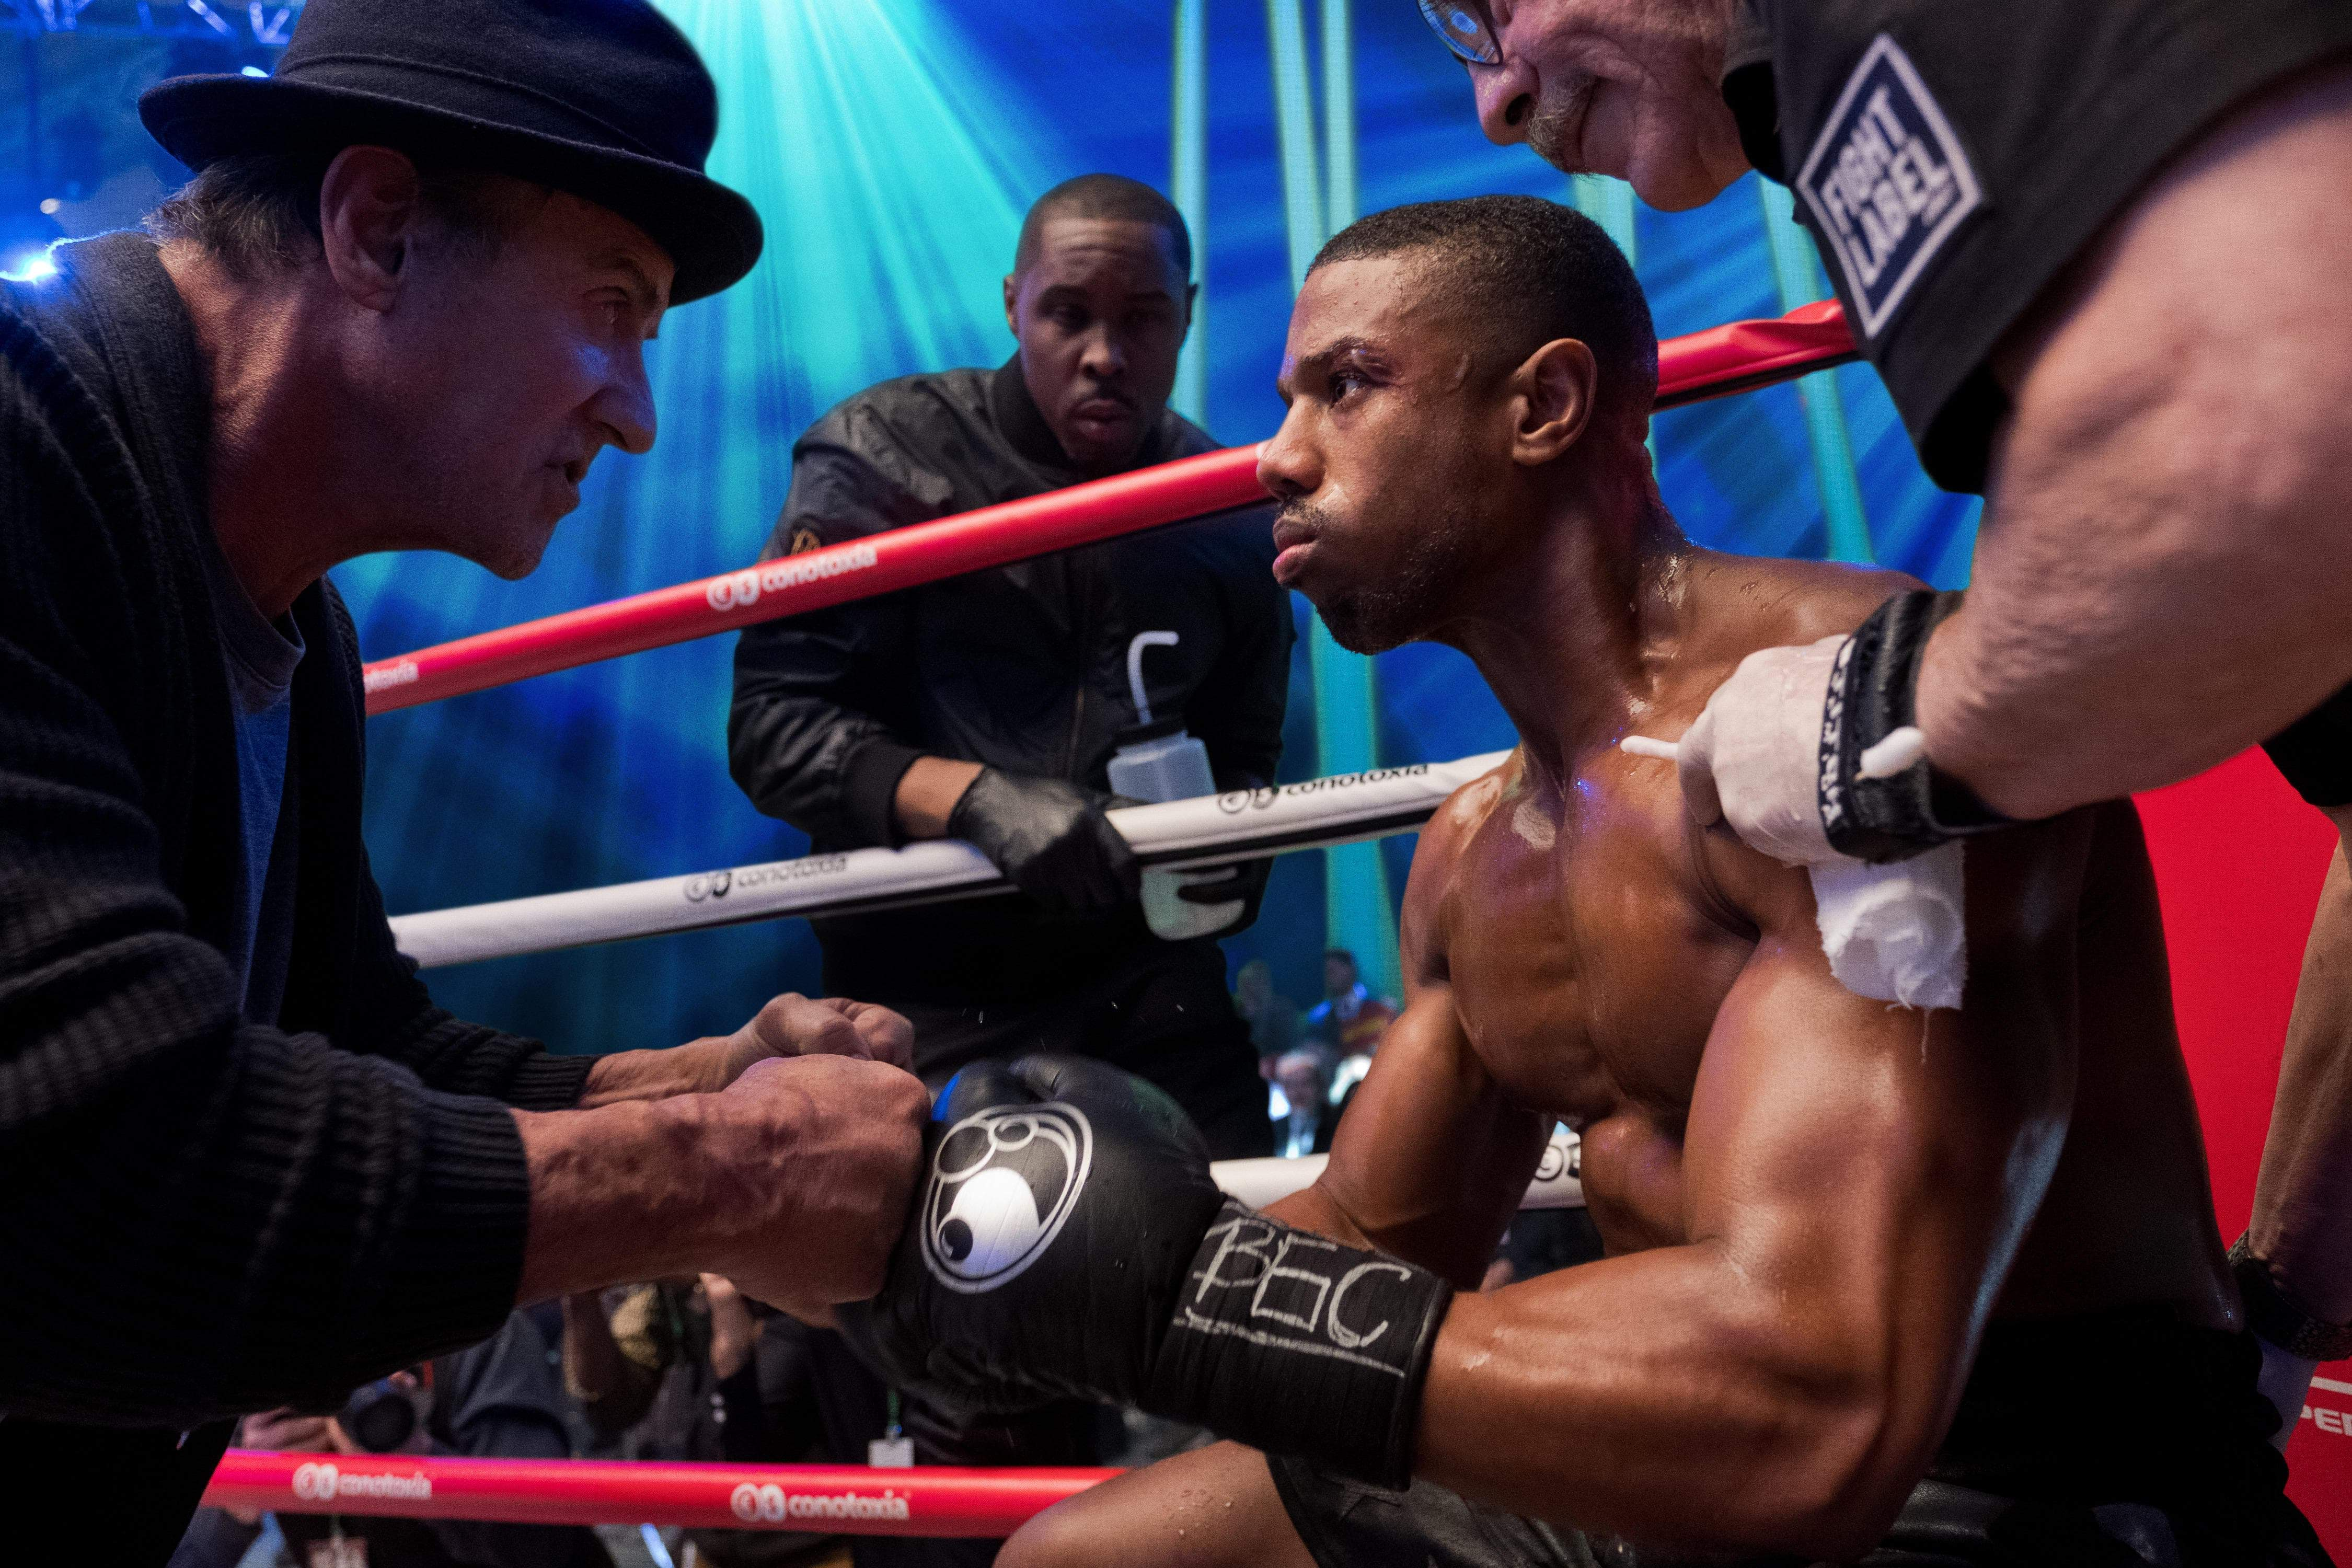 Box Office : 11月23日~25日の全米映画ボックスオフィスTOP5の第2位 - スタローン隊長が王座を奪取 ! !、炎の友情の再戦を描いた熱い家族ドラマの感動作「クリードⅡ」が、「ロッキー」史上最高の封切りヒットを叩き出したノックアウトに加え、実写映画としては感謝祭興行史上第1位の最高の成績を更新した記録破りの初登場第2位 ! !